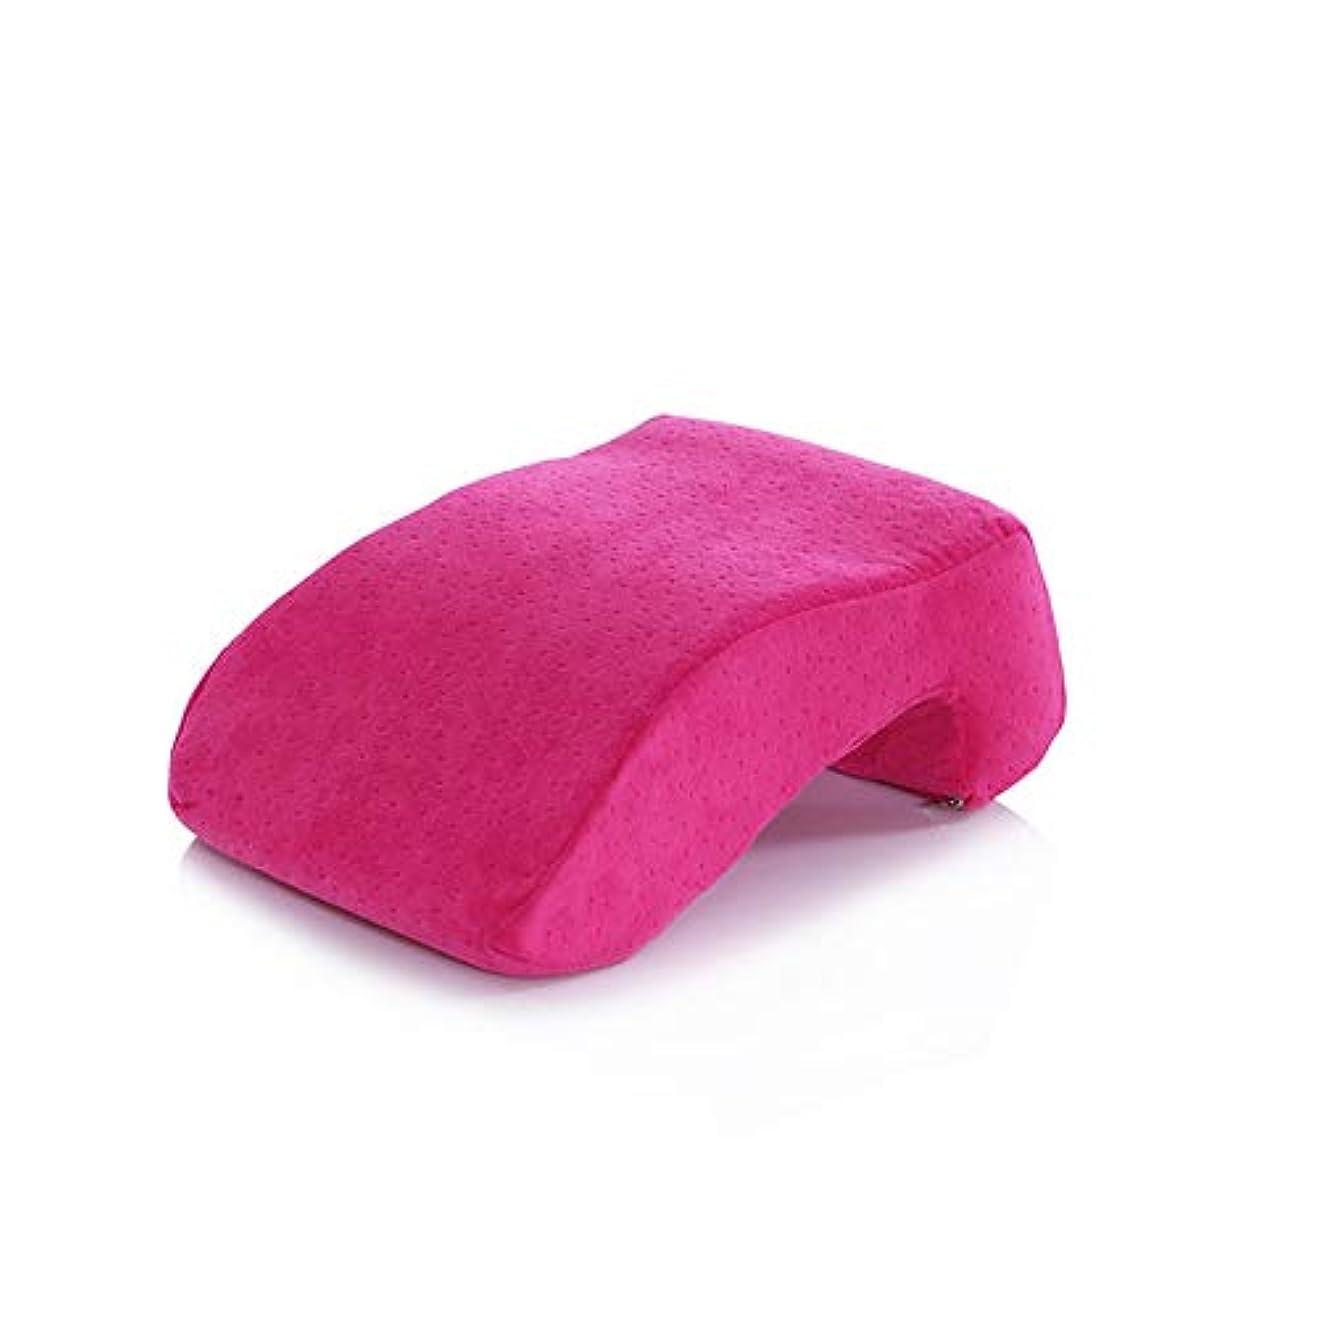 散髪事前うぬぼれ取り外し可能なキルティングカバーが付いているサポート枕オフィスの休息の枕学生の昼休みの枕